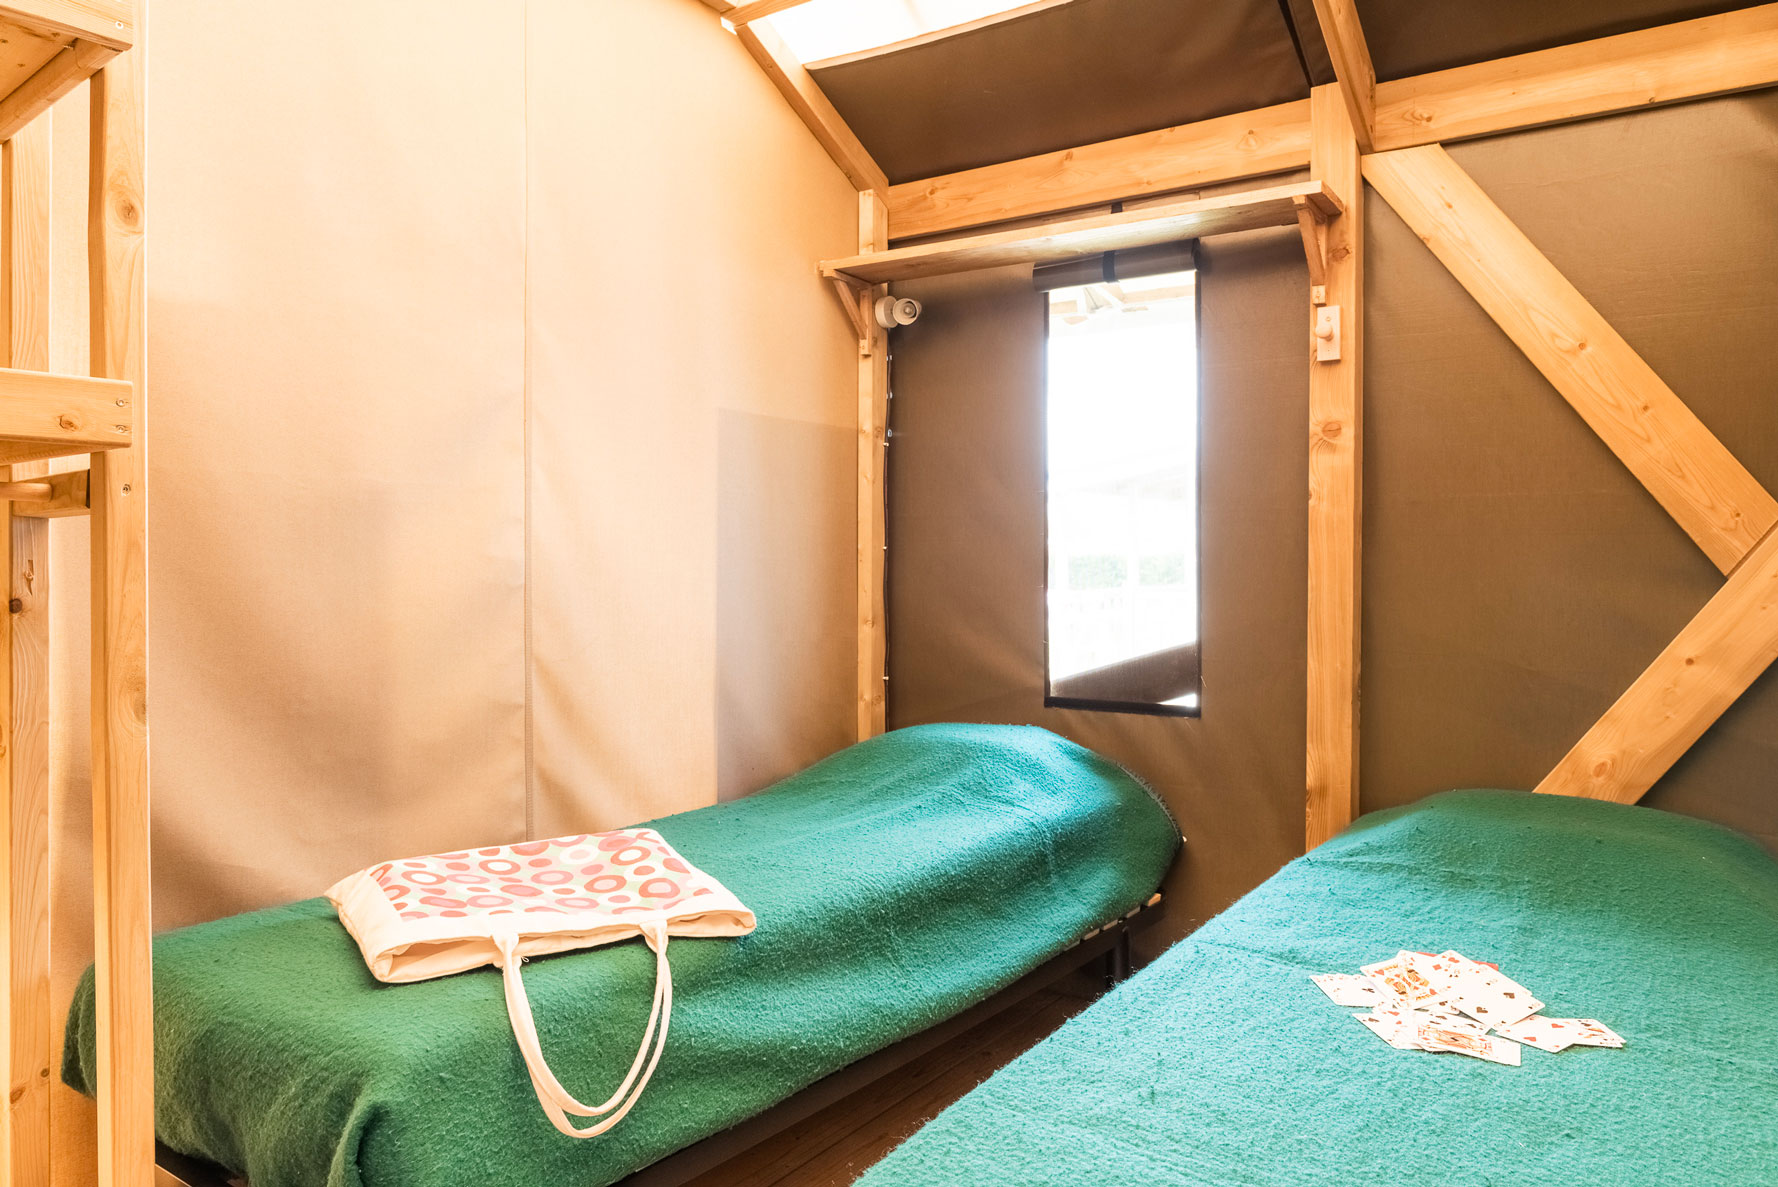 galerie-photos-location-tente-lodge-6-personnes-2-lis-1-place-camping-le-port-de-moricq